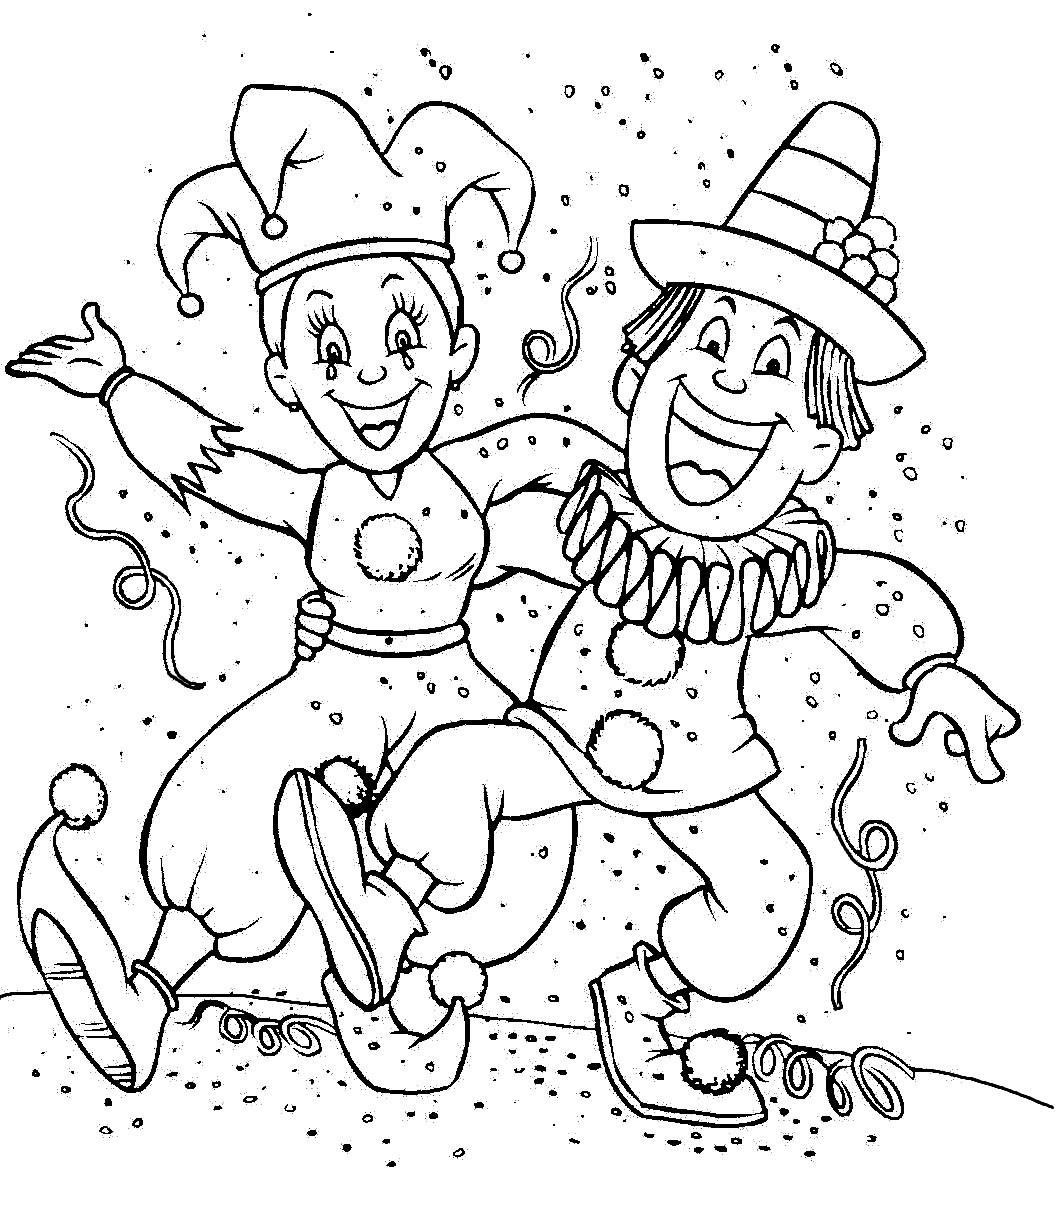 Desenhos Para Colorir E Imprimir Sobre O Carnaval Escola Educação